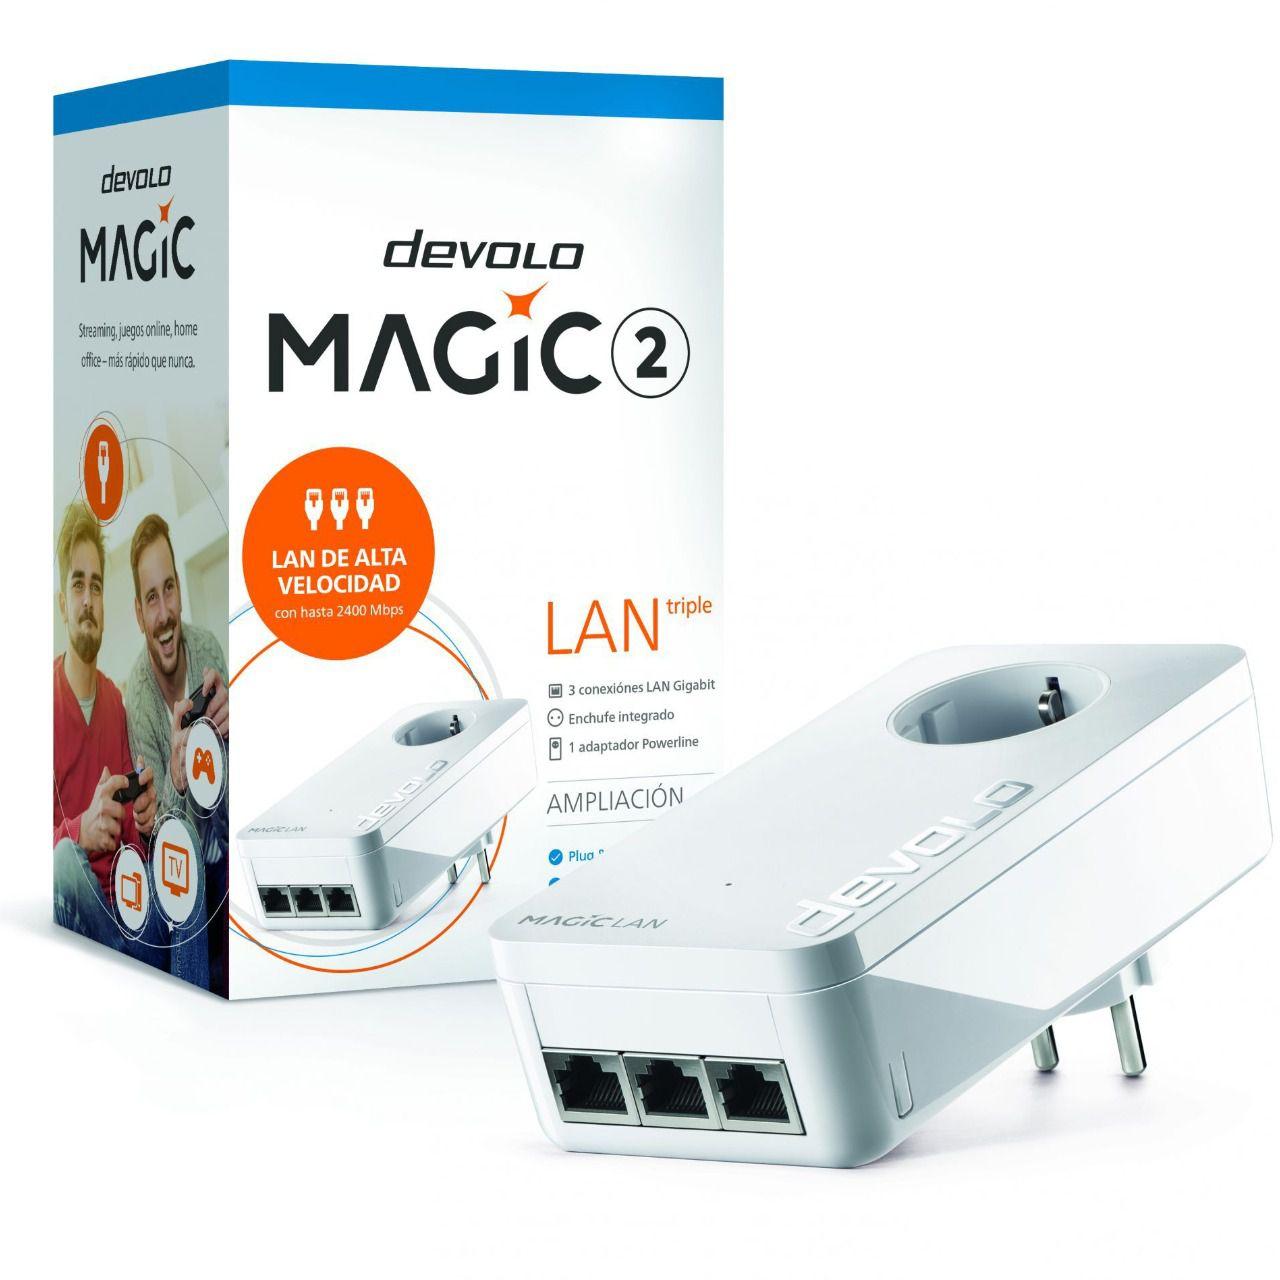 """Devolo presenta nodevadades """"mágicas"""": tres puertos Gigabit LAN súper rápidos en cualquier lugar   Imagenacion"""